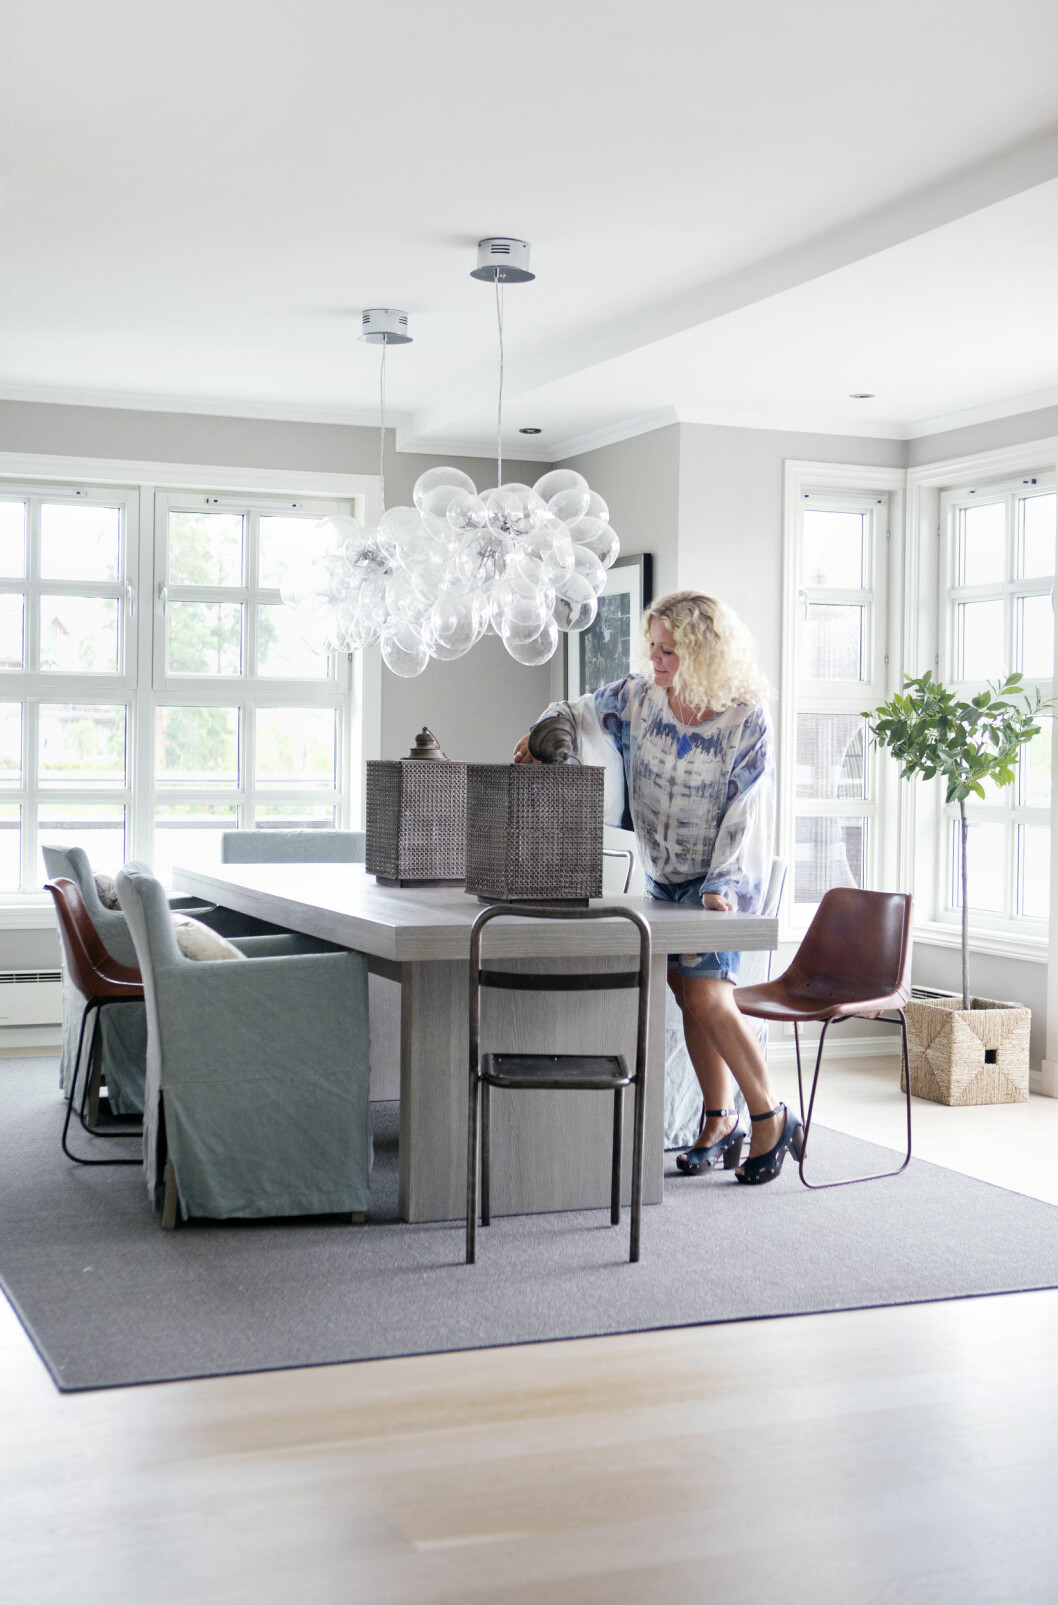 SJEKK DEN'A: Den superstilige ballonglampen setter et fantastisk preg på spisebordet. Lampen fra Skeidar finnes ikke lenger, men Bolina har en som ligner veldig! Foto: All Over Press Norway